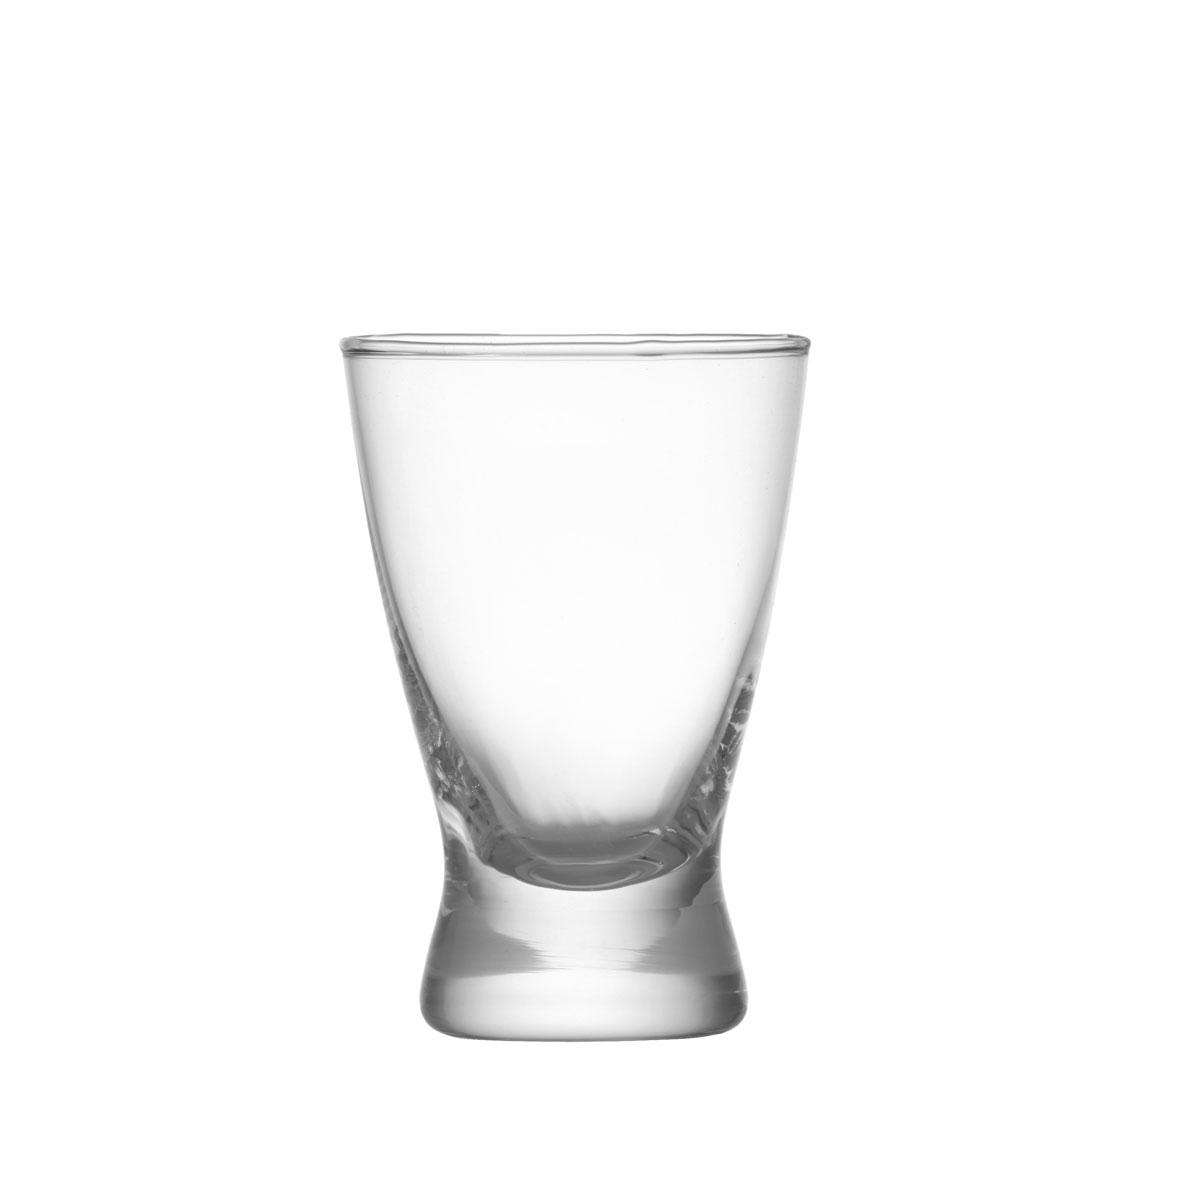 Schott Zwiesel Tasterz Mini Cordial Glass, Single